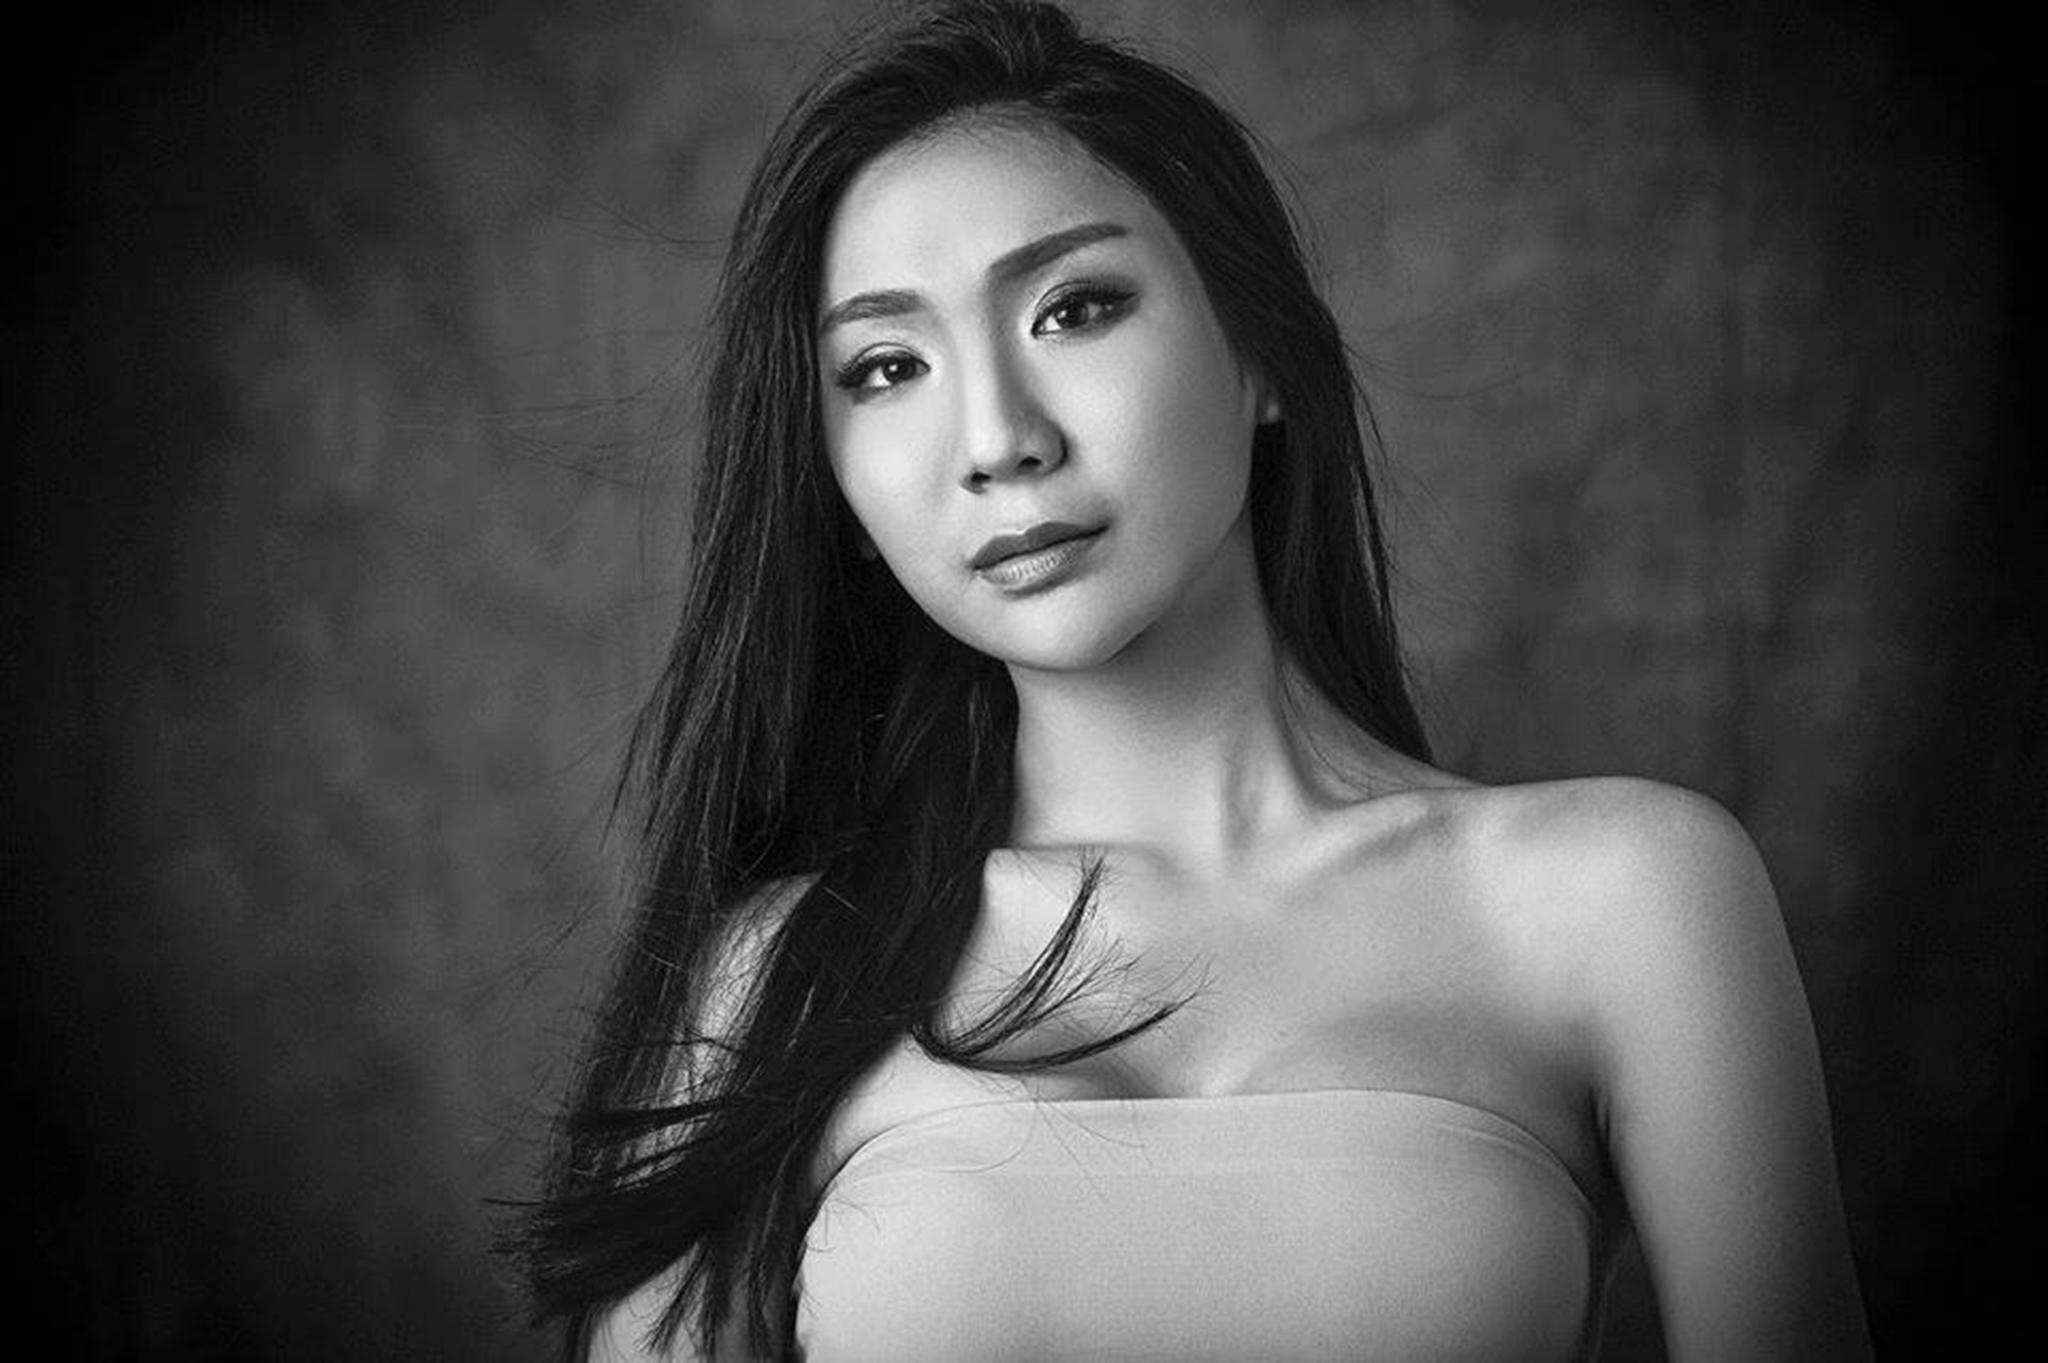 Transexualidade   Ellie Cheng falhou grupo de 12 finalistas em concurso de beleza